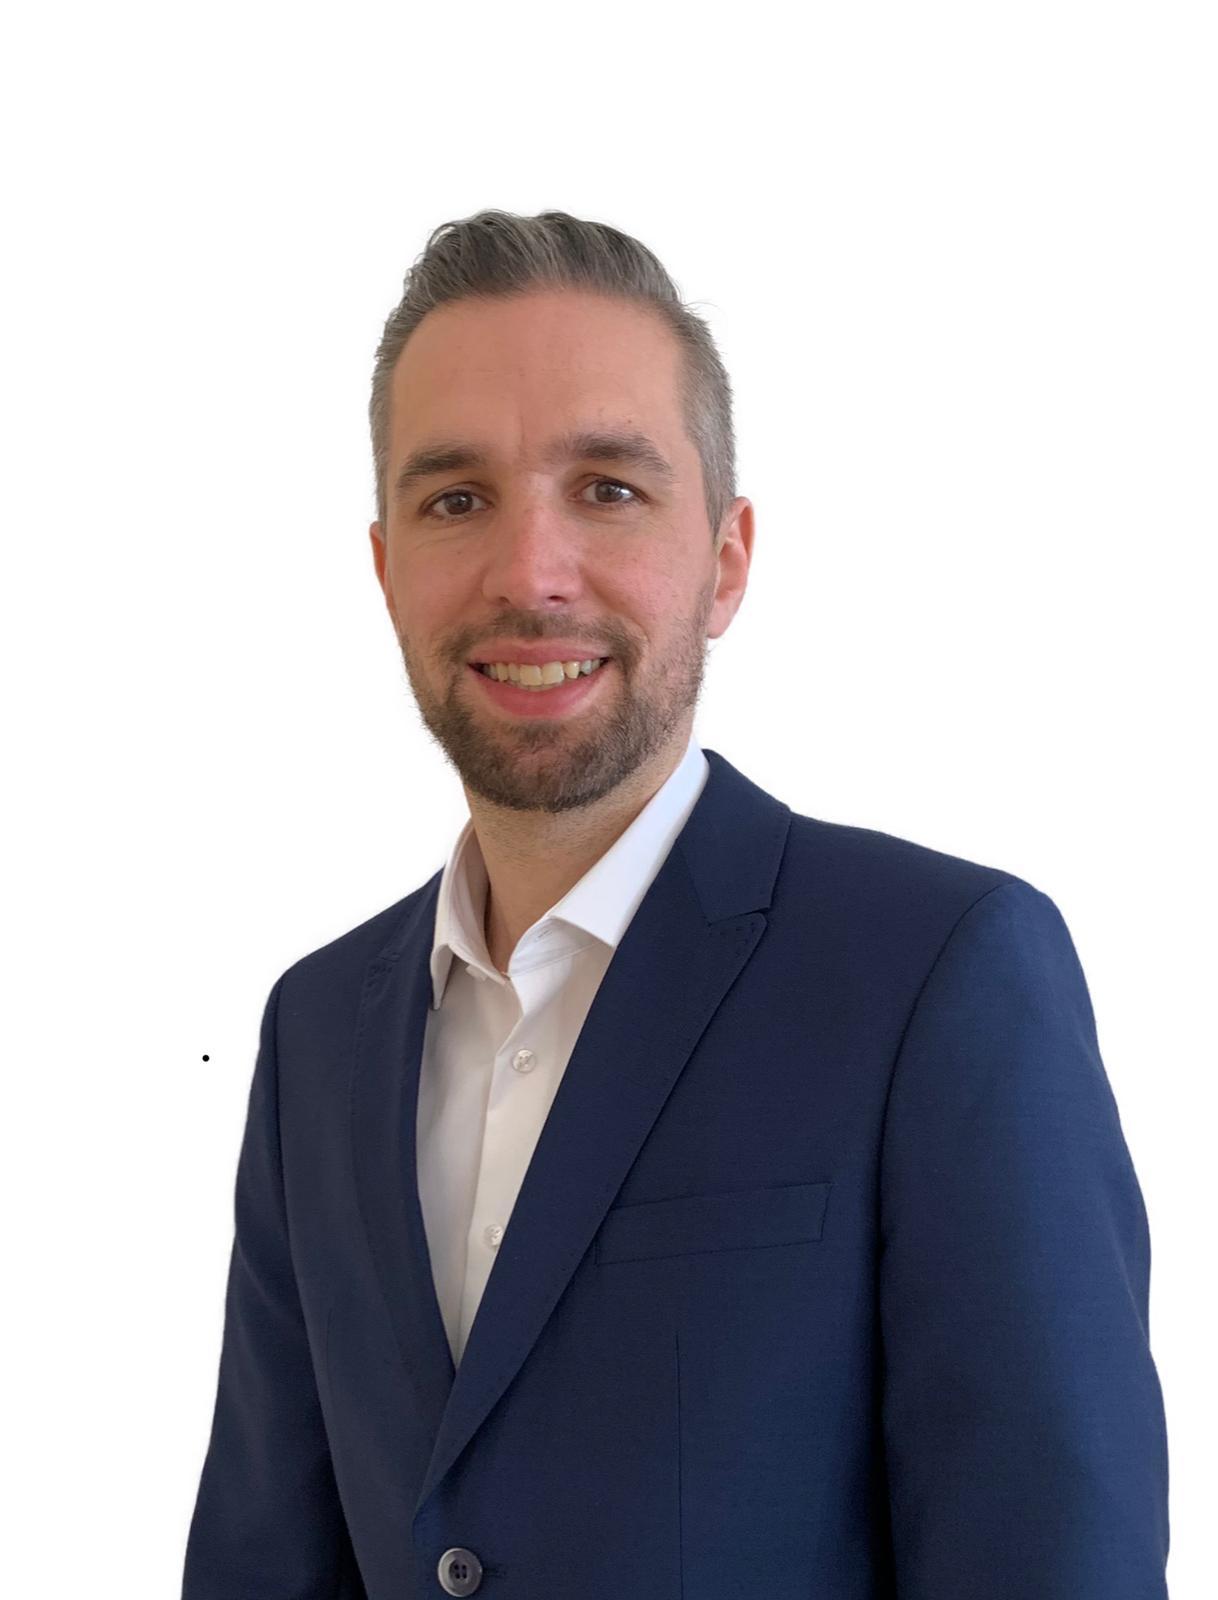 Der Direktkandidat Marcus Fleischer (Freie Wähler) beantwortet heute die Fragen von gatersleben.info zur Landtagswahl am 6. Juni